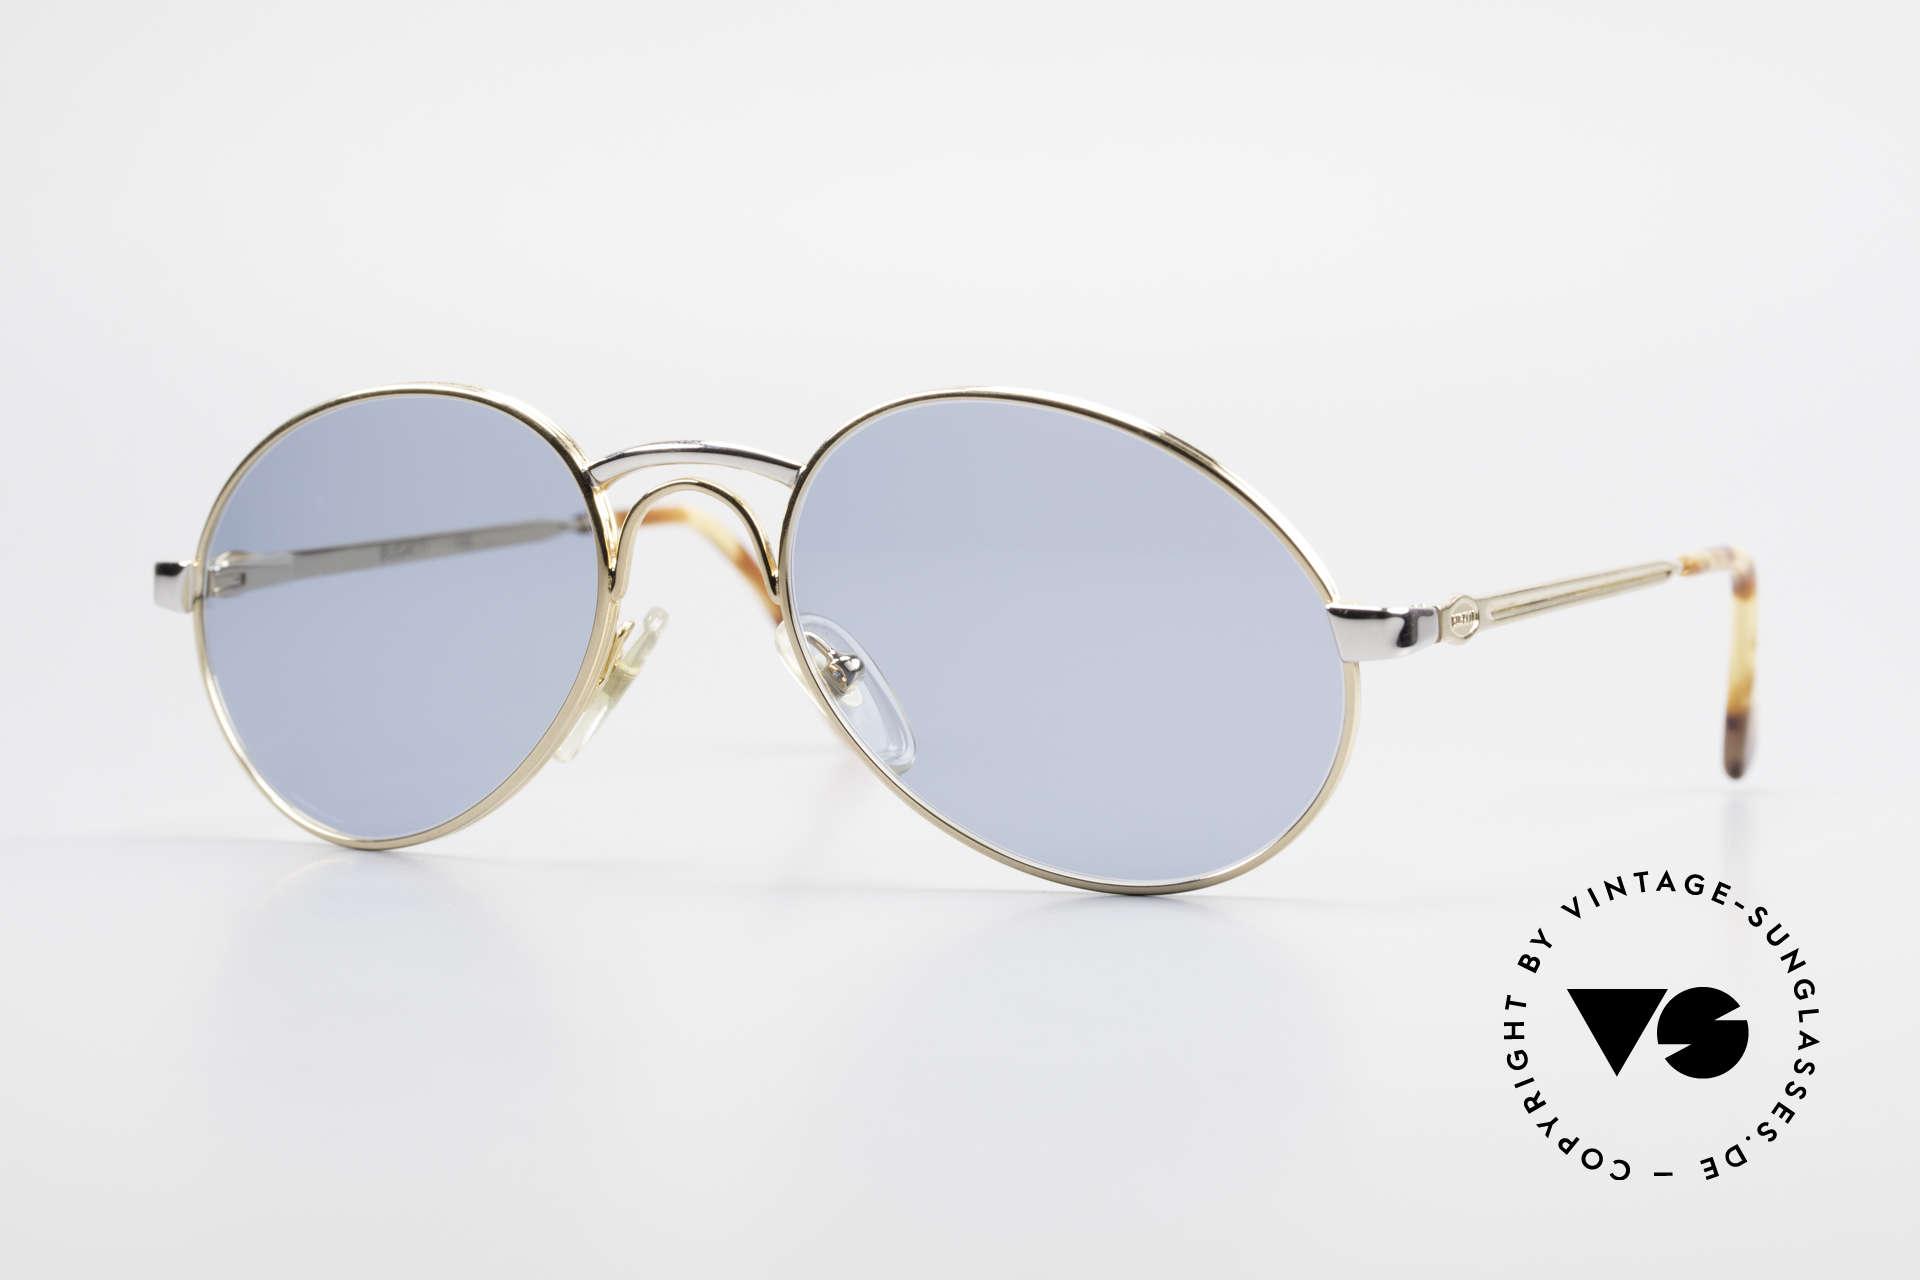 Bugatti 03308 True Vintage 80's Sunglasses, classic Bugatti 'sunglass' design' from approx. 1989, Made for Men